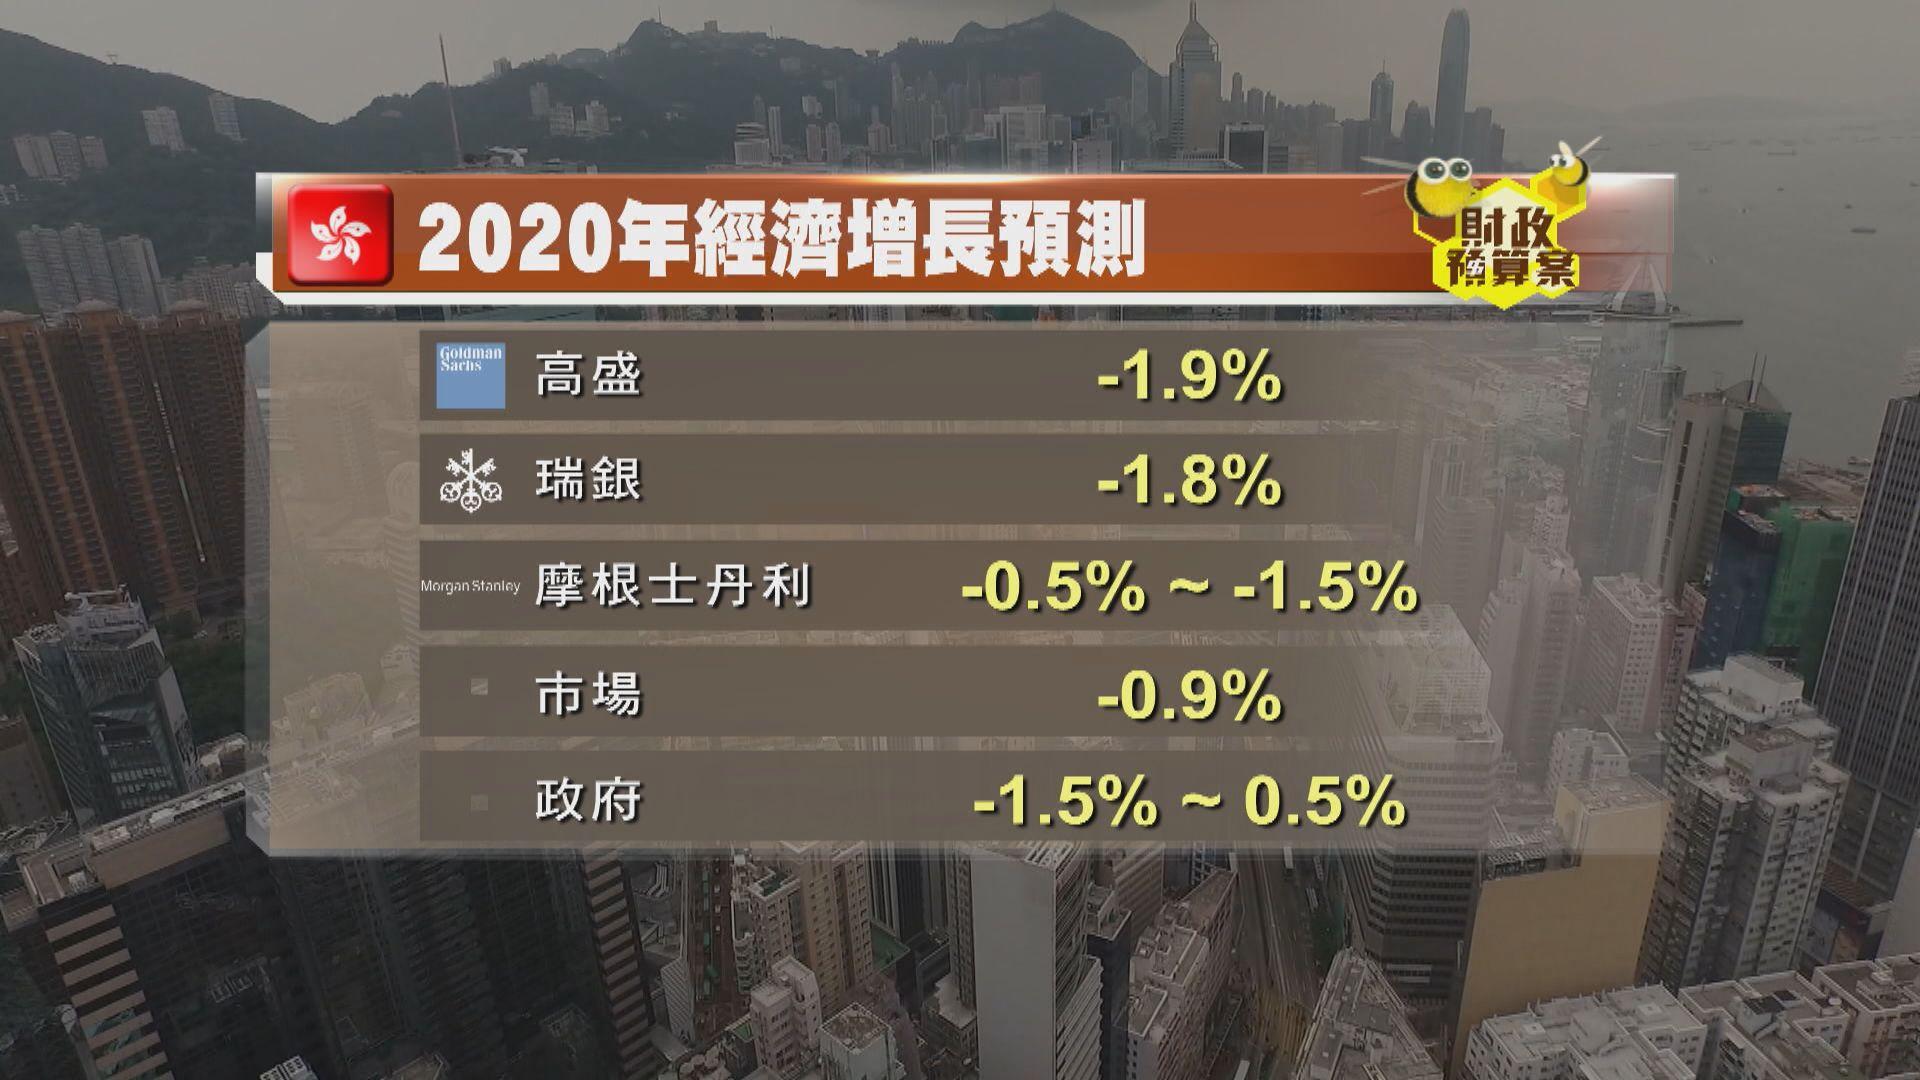 【大行點評】大行對本港經濟預測較政府差